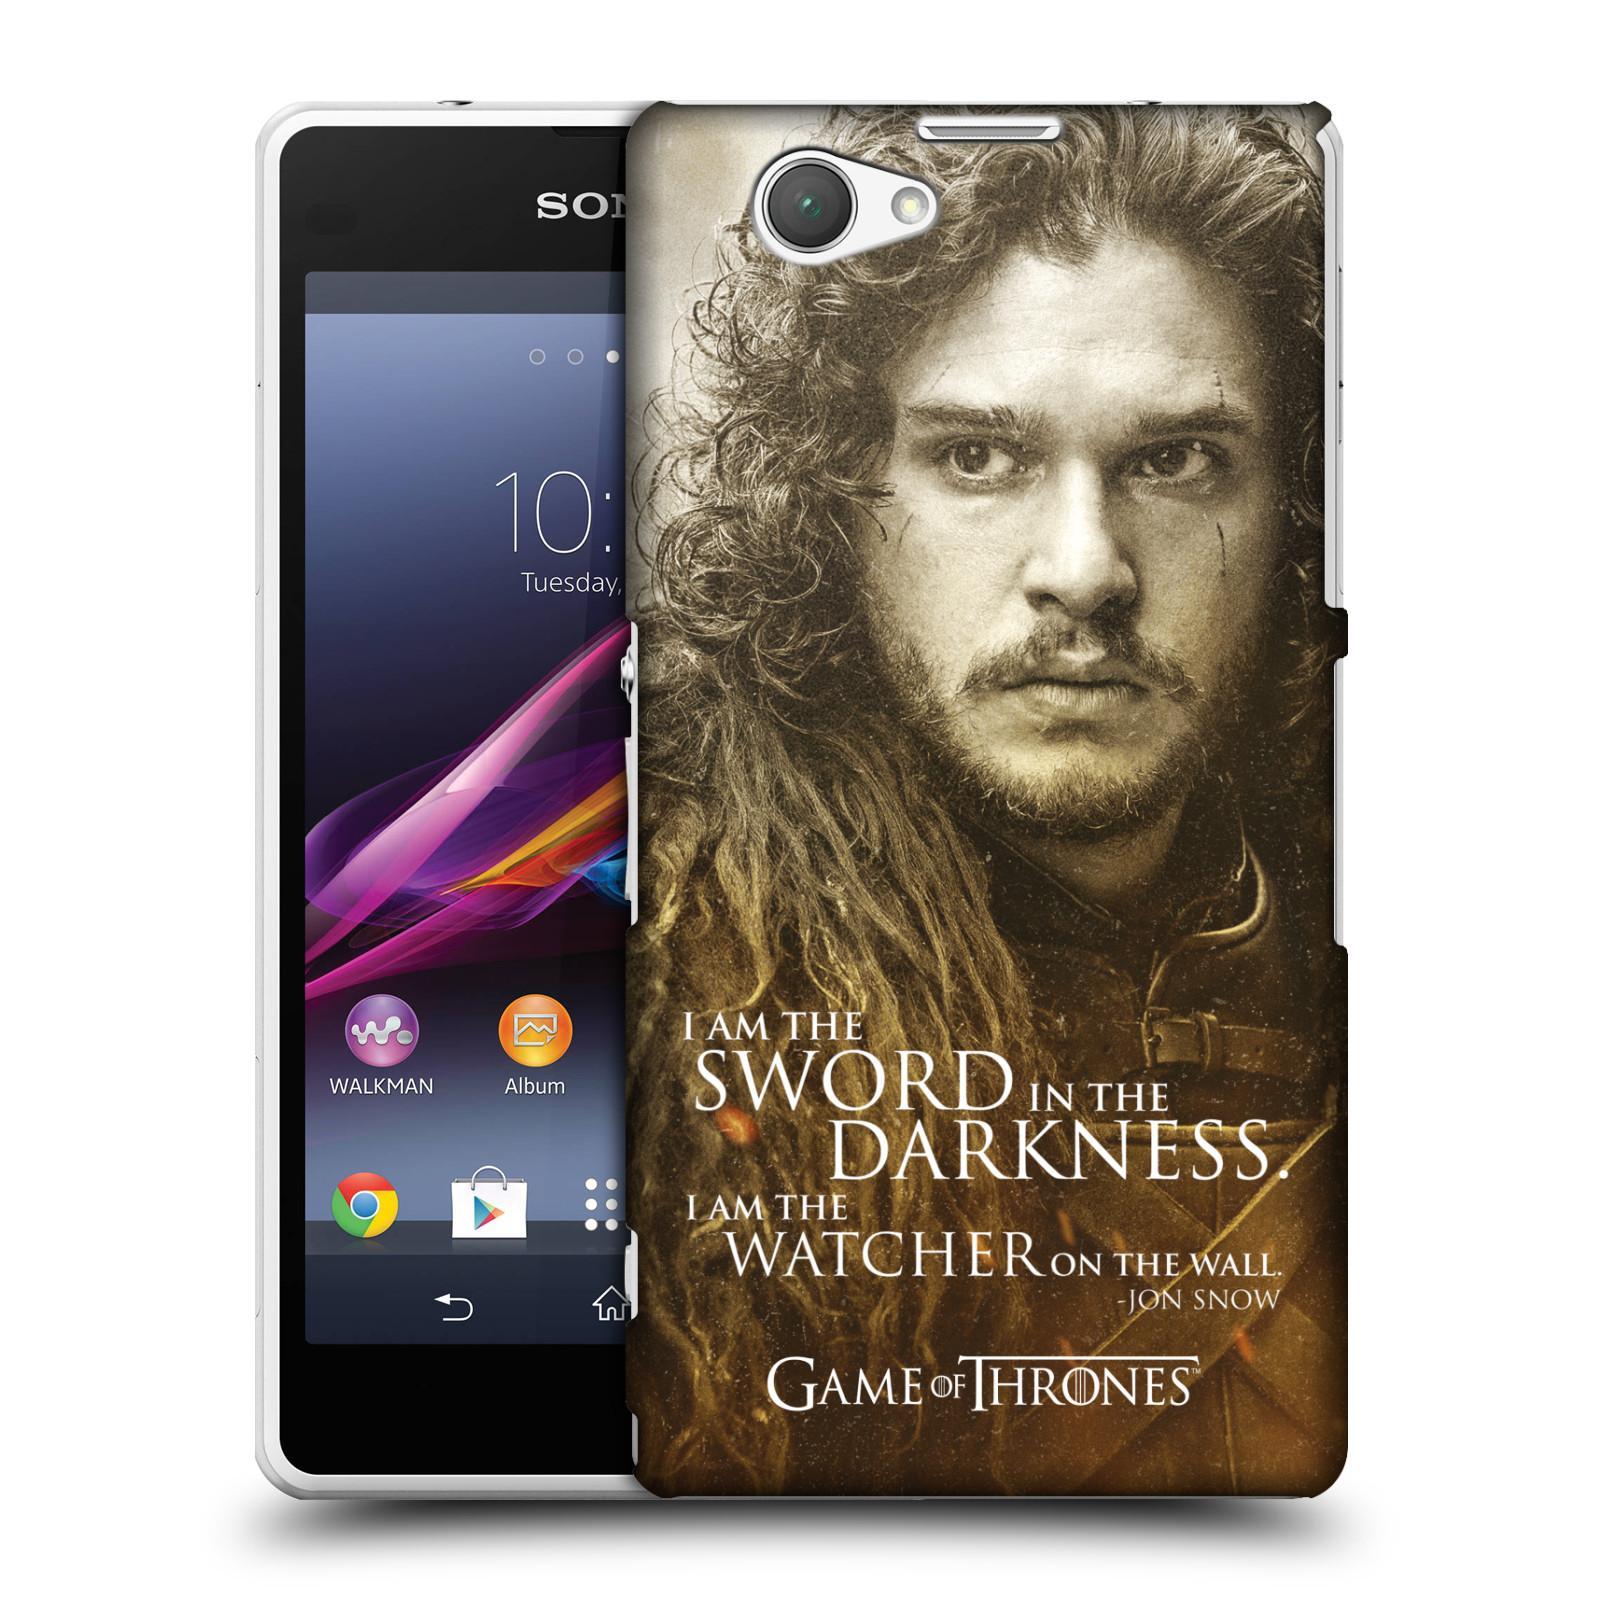 Plastové pouzdro na mobil Sony Xperia Z1 Compact D5503 HEAD CASE Hra o trůny - Jon Snow (Plastový kryt či obal na mobilní telefon s licencovaným motivem Hra o trůny - Game Of Thrones pro Sony Xperia Z1 Compact)